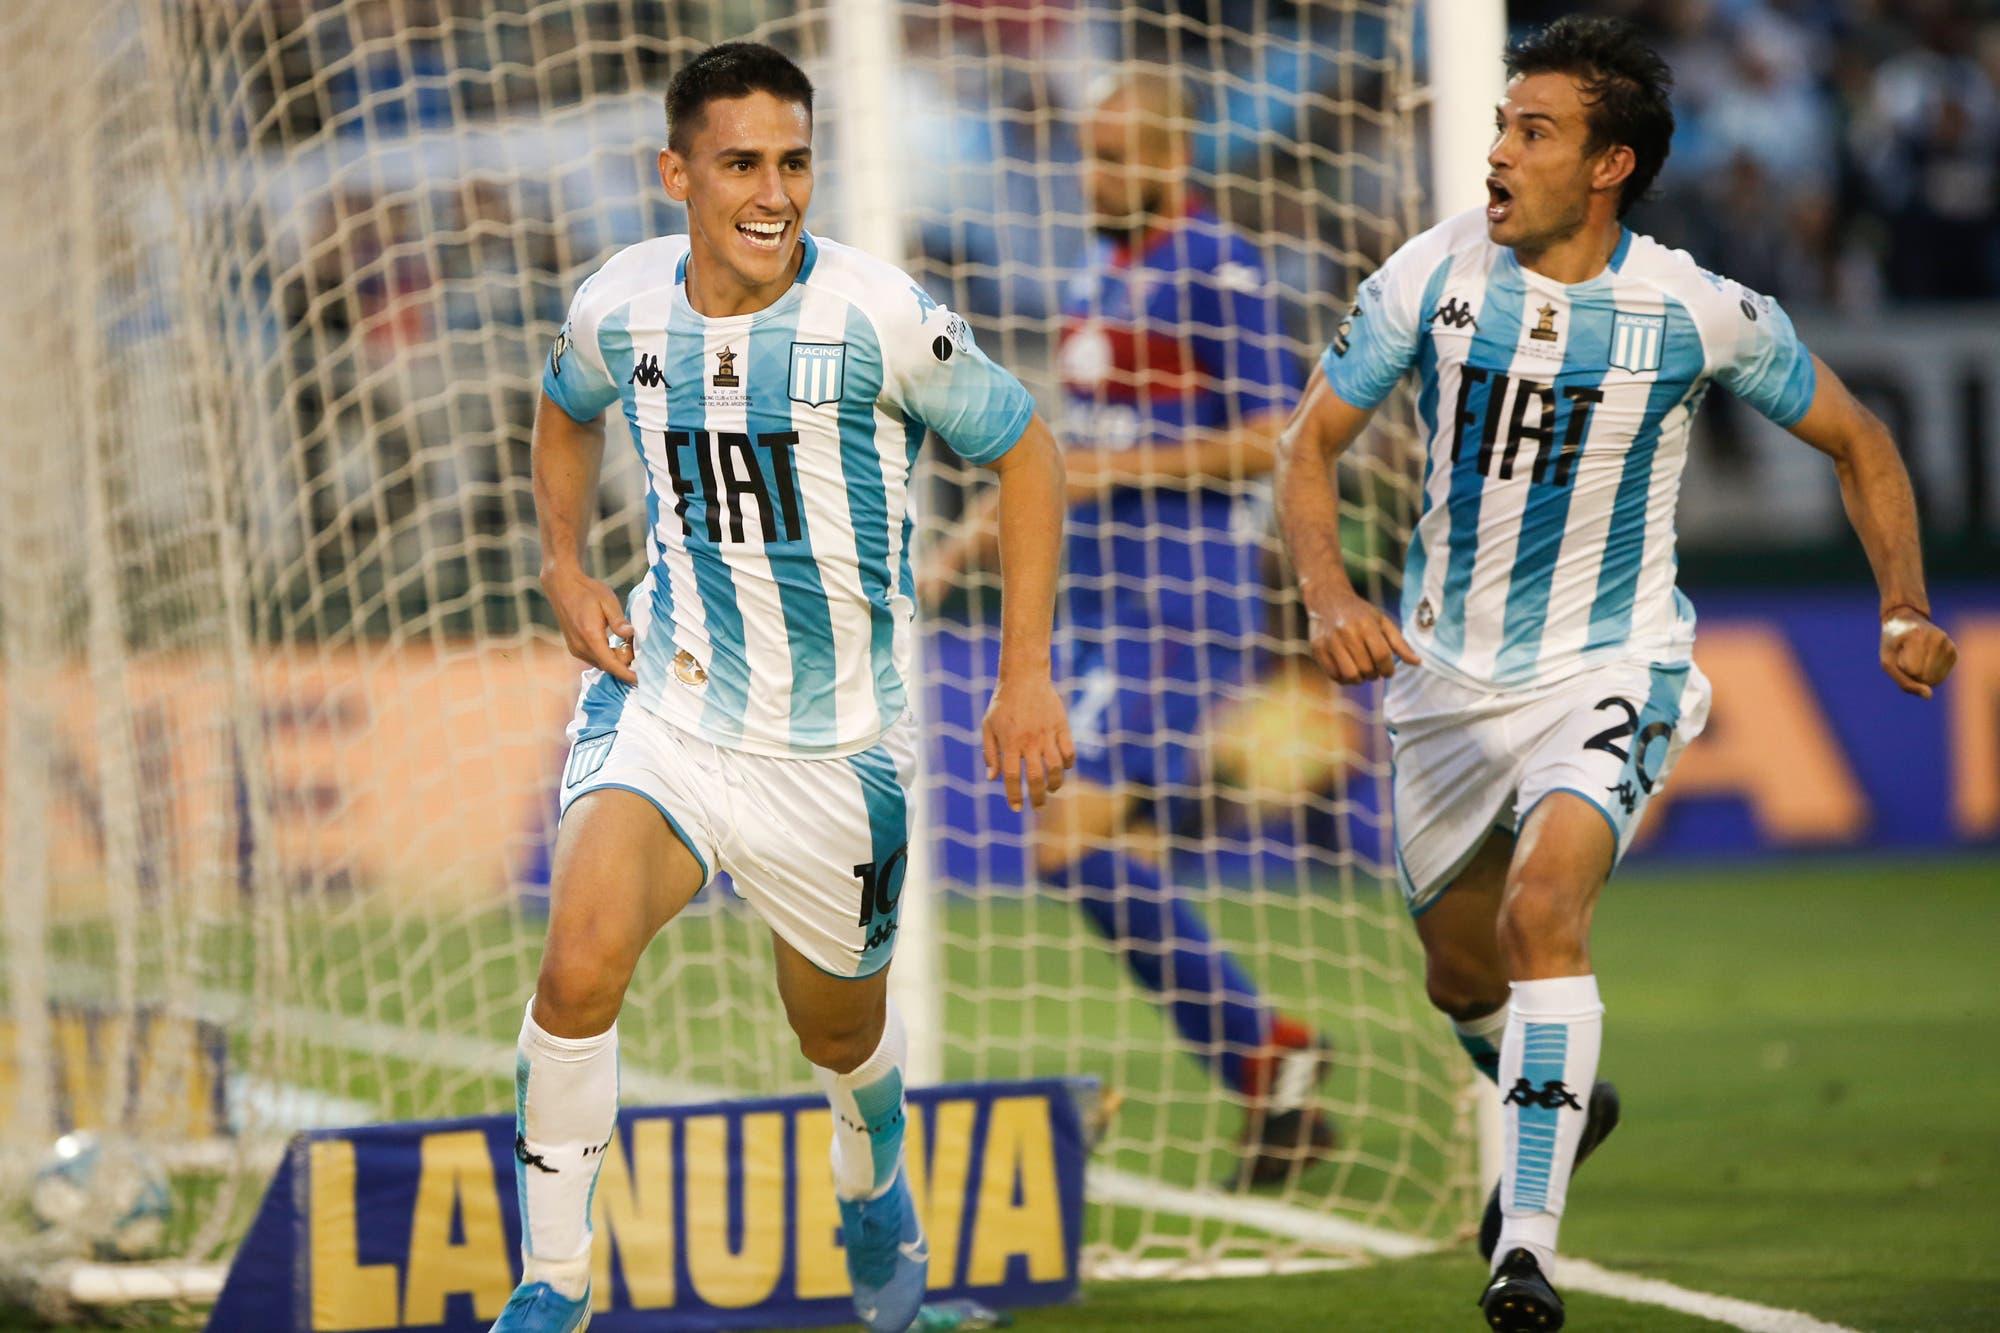 Racing-Tigre: la Academia gana por 2 a 0 y acaricia el Trofeo de Campeones